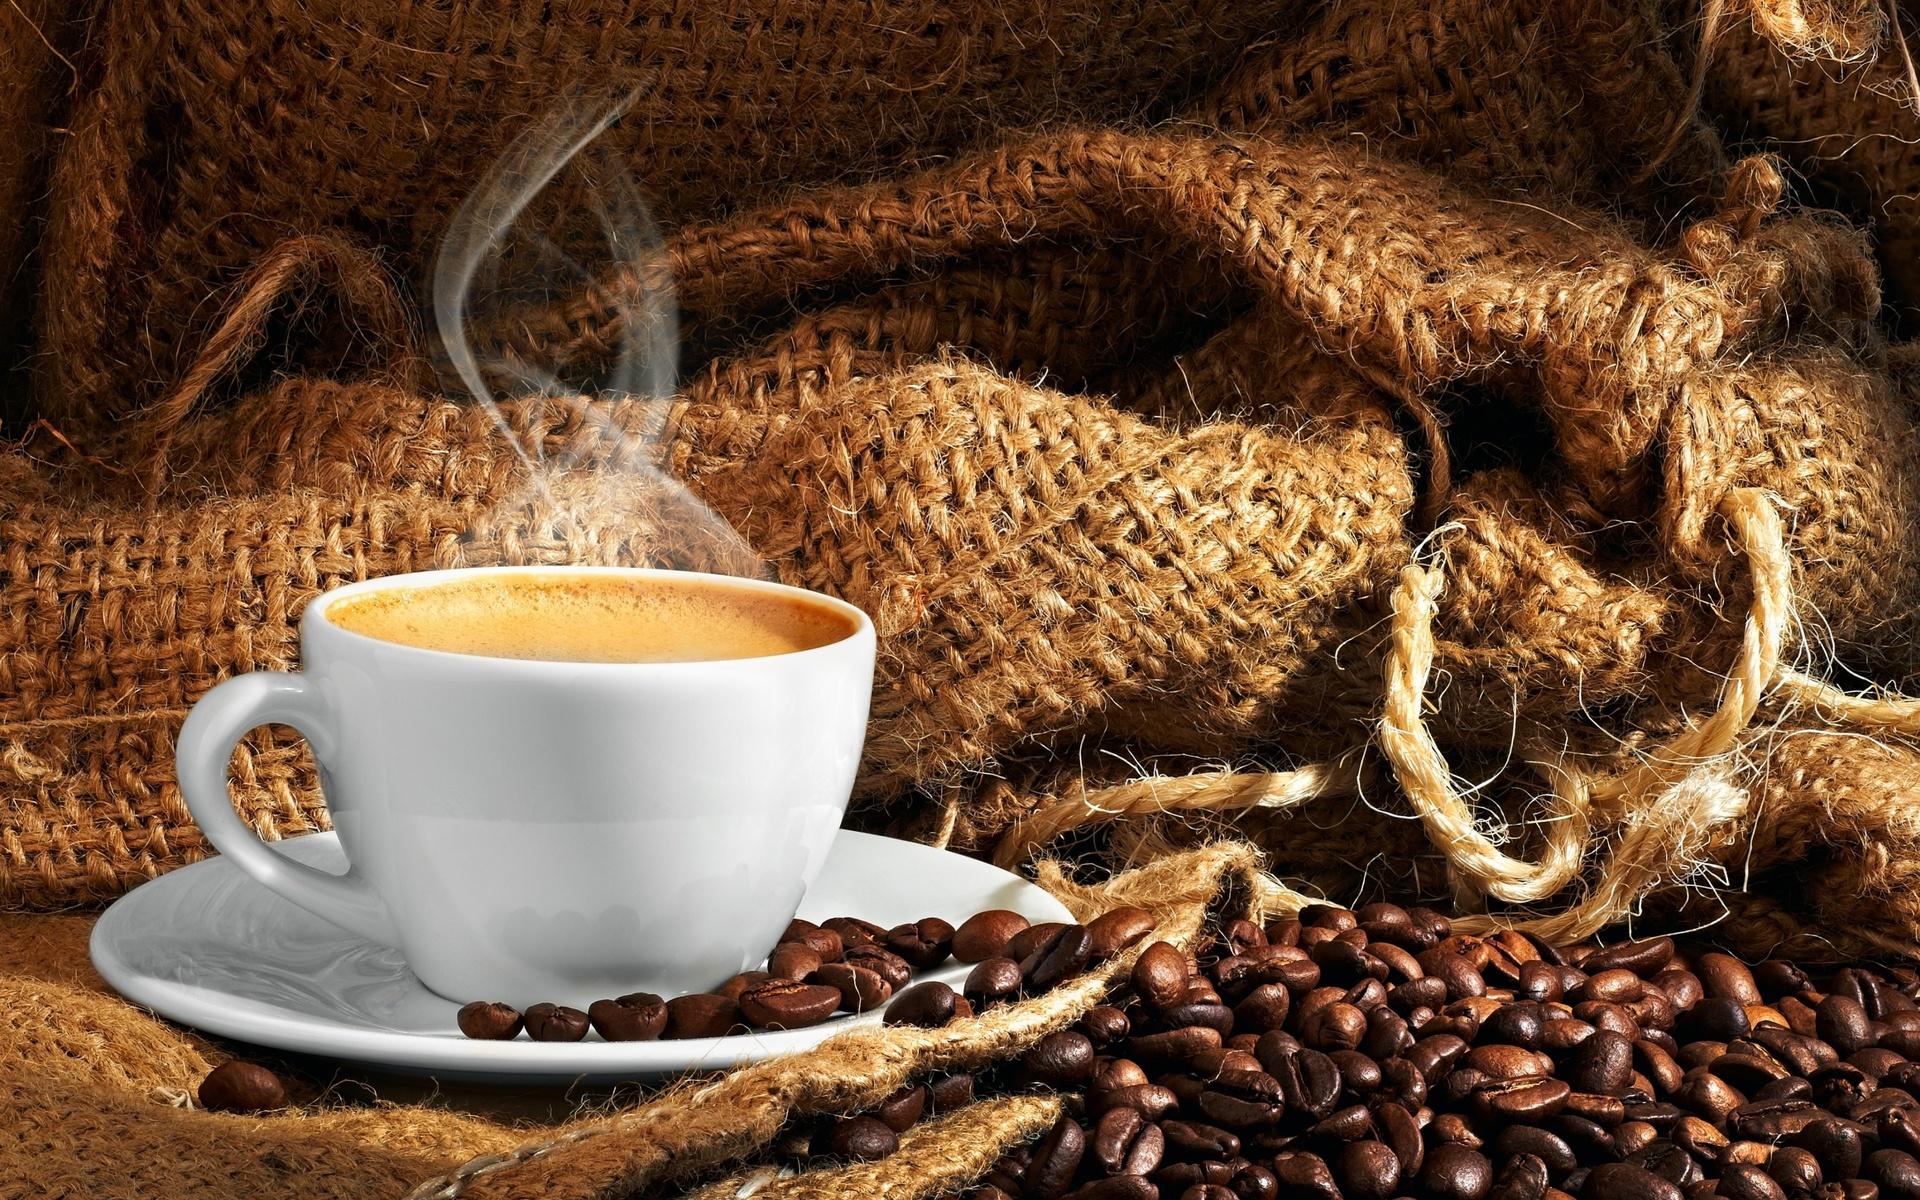 Кофе картинки высокого разрешения